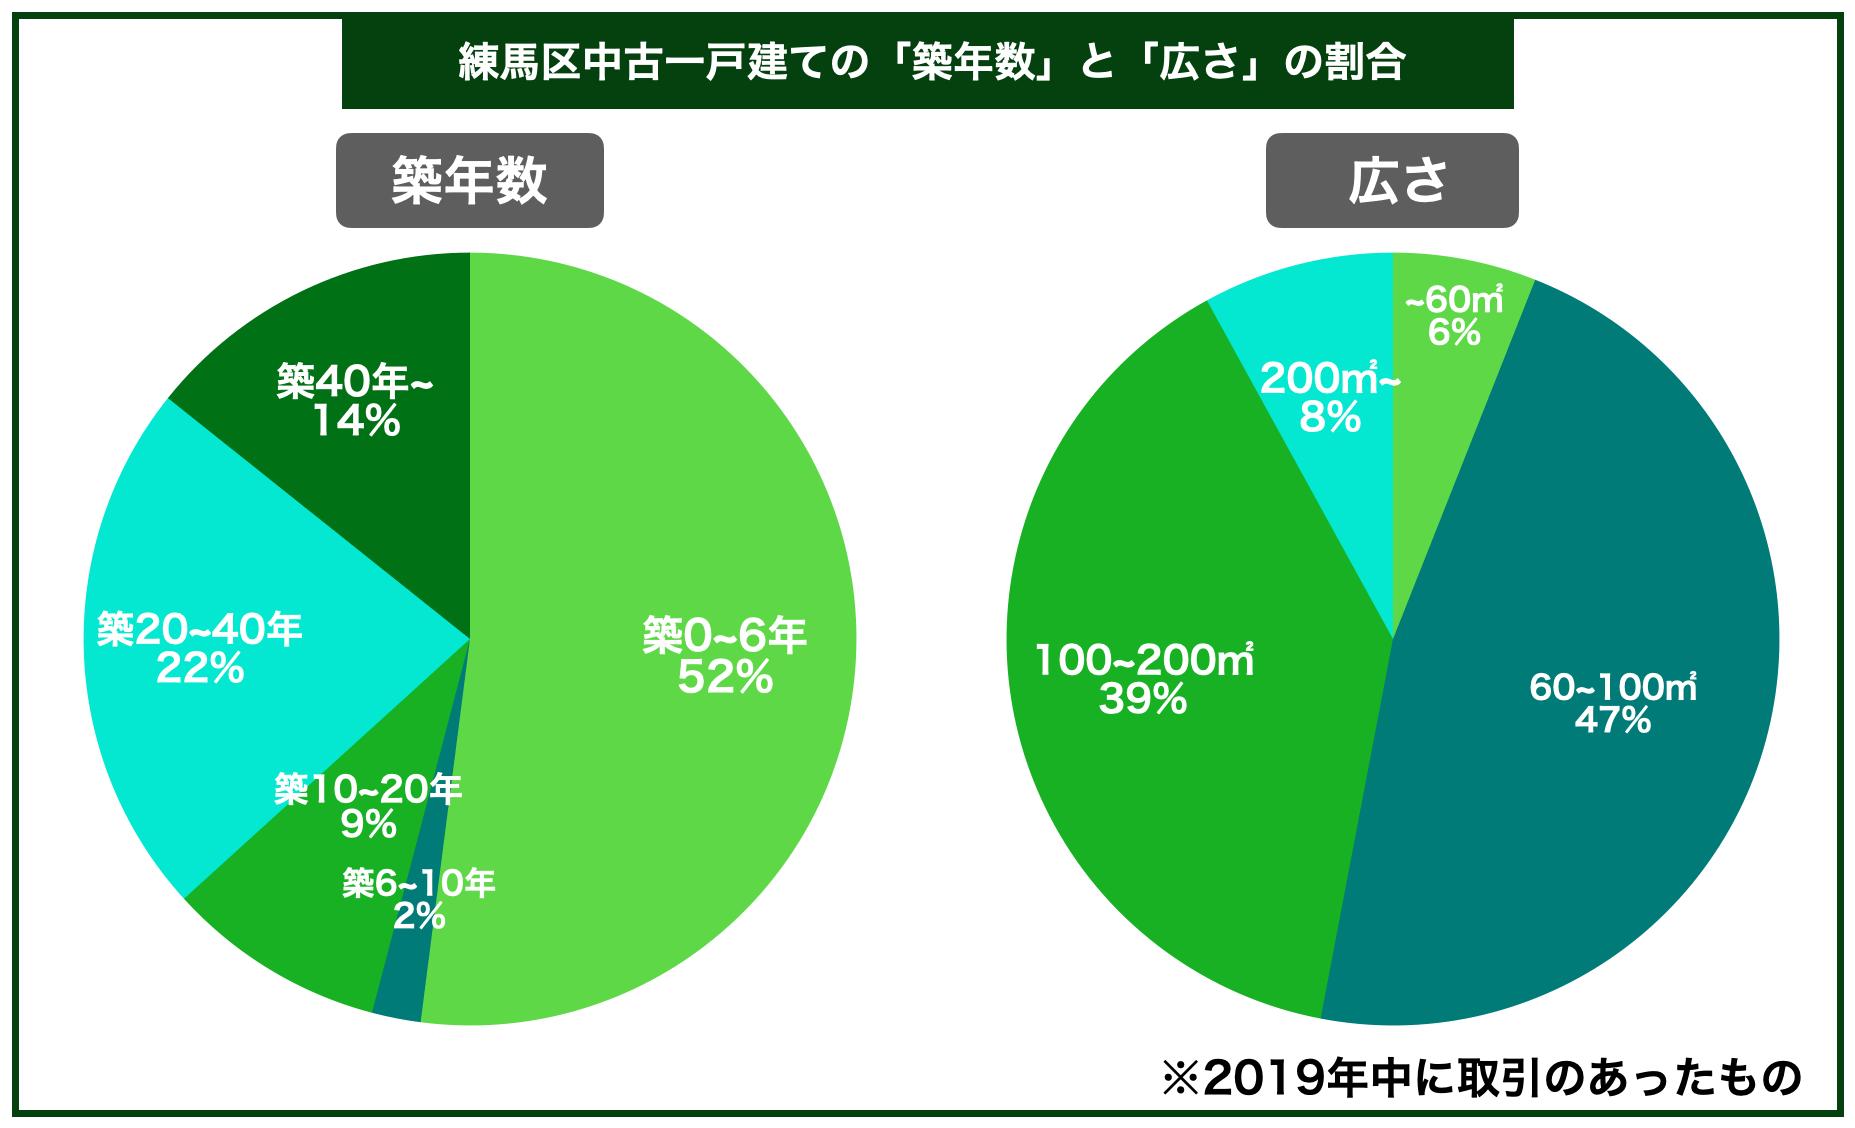 練馬区中古一戸建ての平均築年数と広さの割合